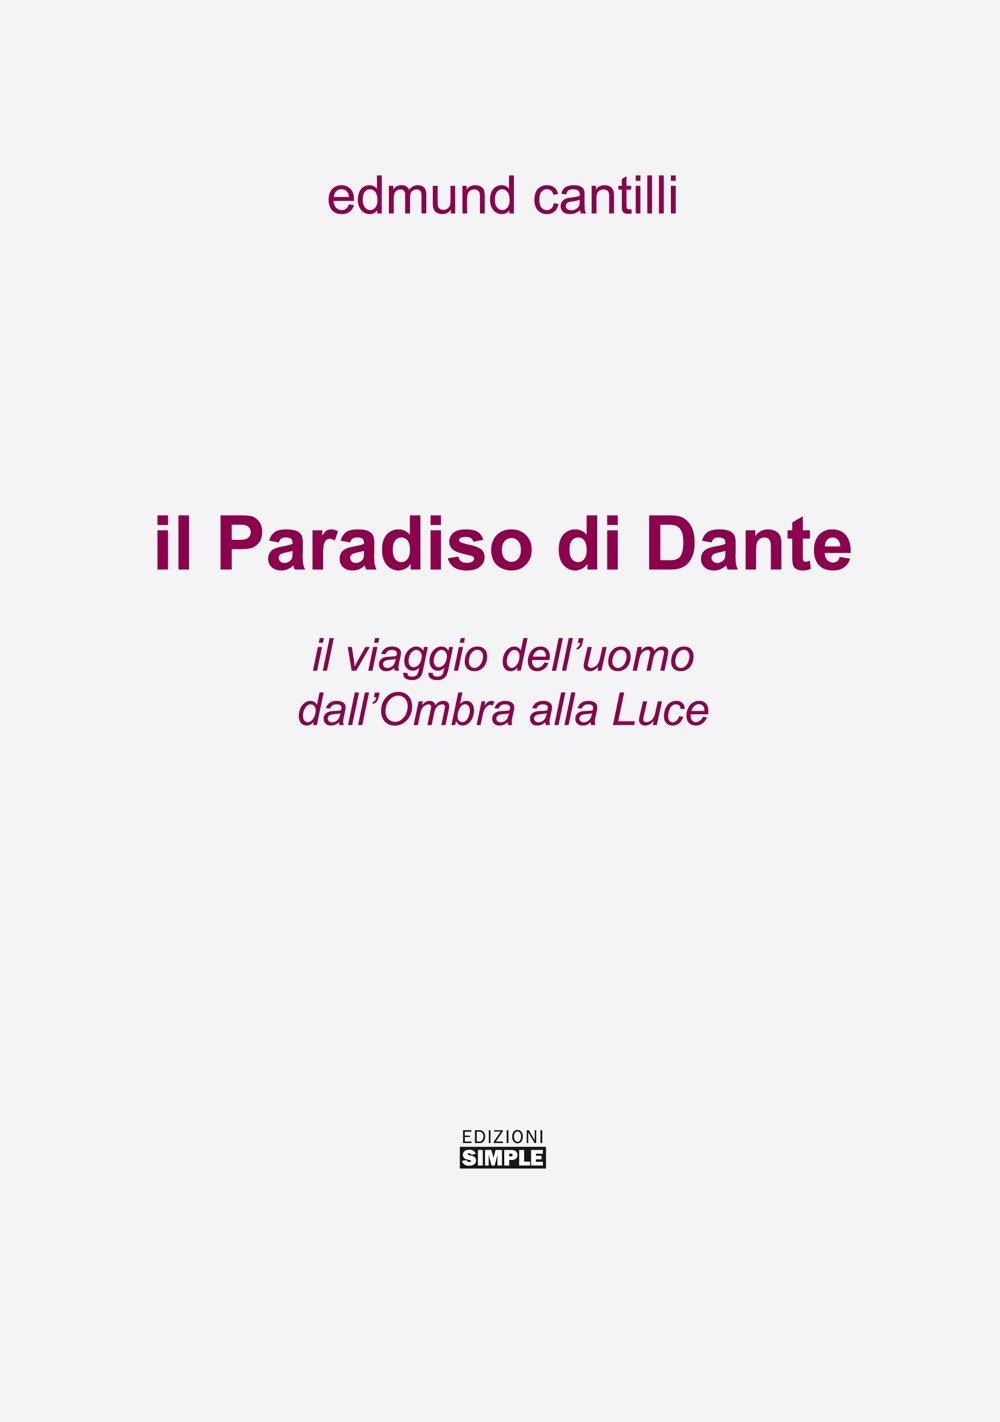 Il Paradiso di Dante. Il viaggio dell'uomo dall'ombra alla luce